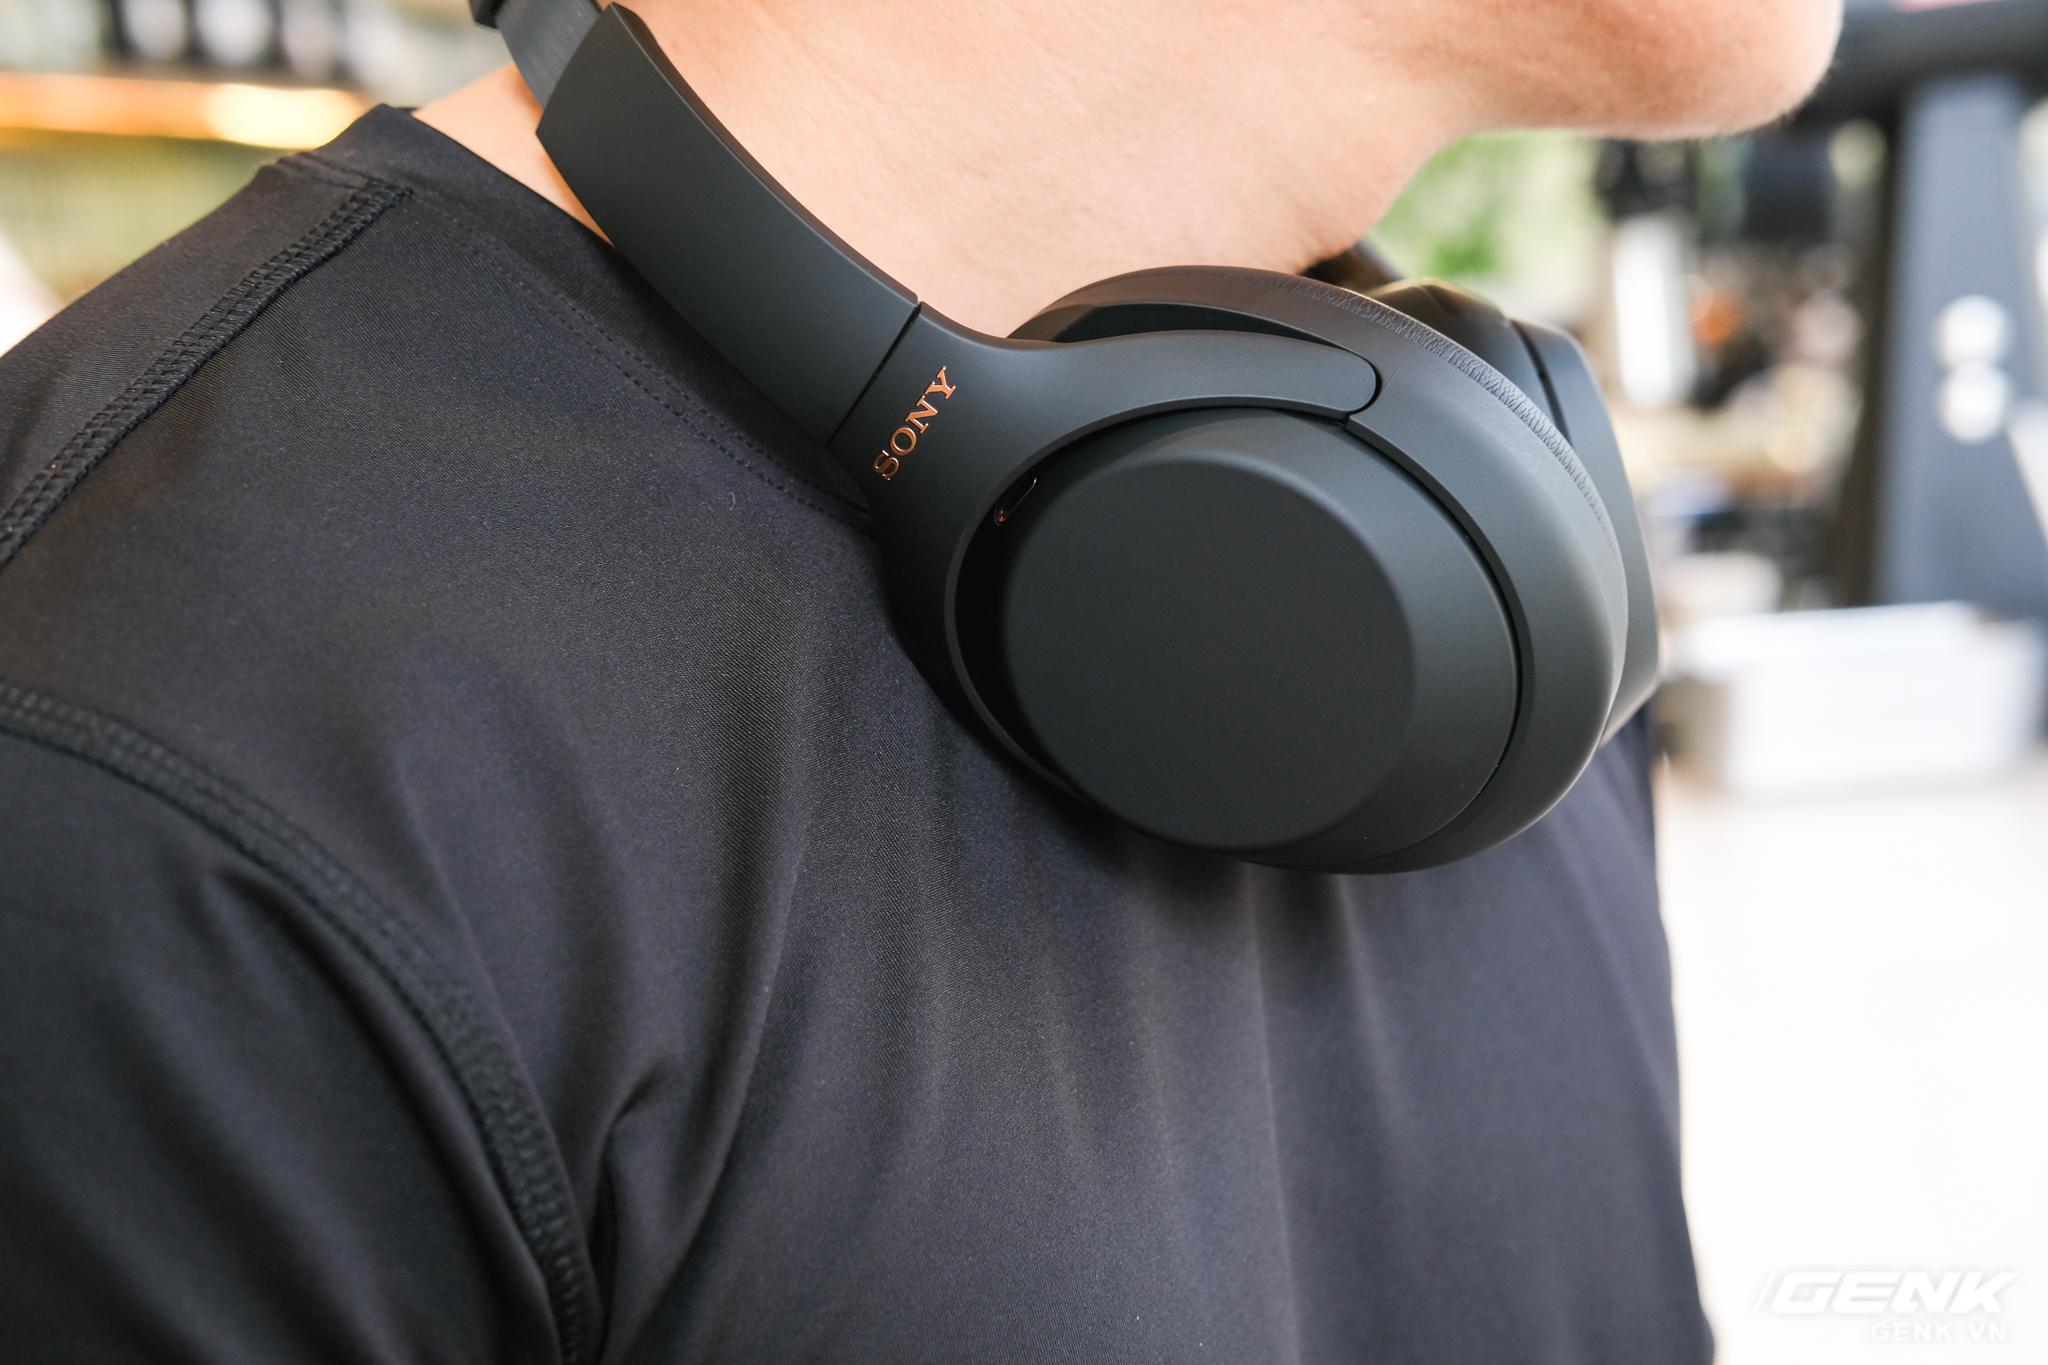 Trên tay tai nghe Sony WH-1000XM4: Ngoại hình không thay đổi, kết nối 1 lúc 2 thiết bị, nâng cấp chống ồn, giá 8,49 triệu đồng - Ảnh 14.